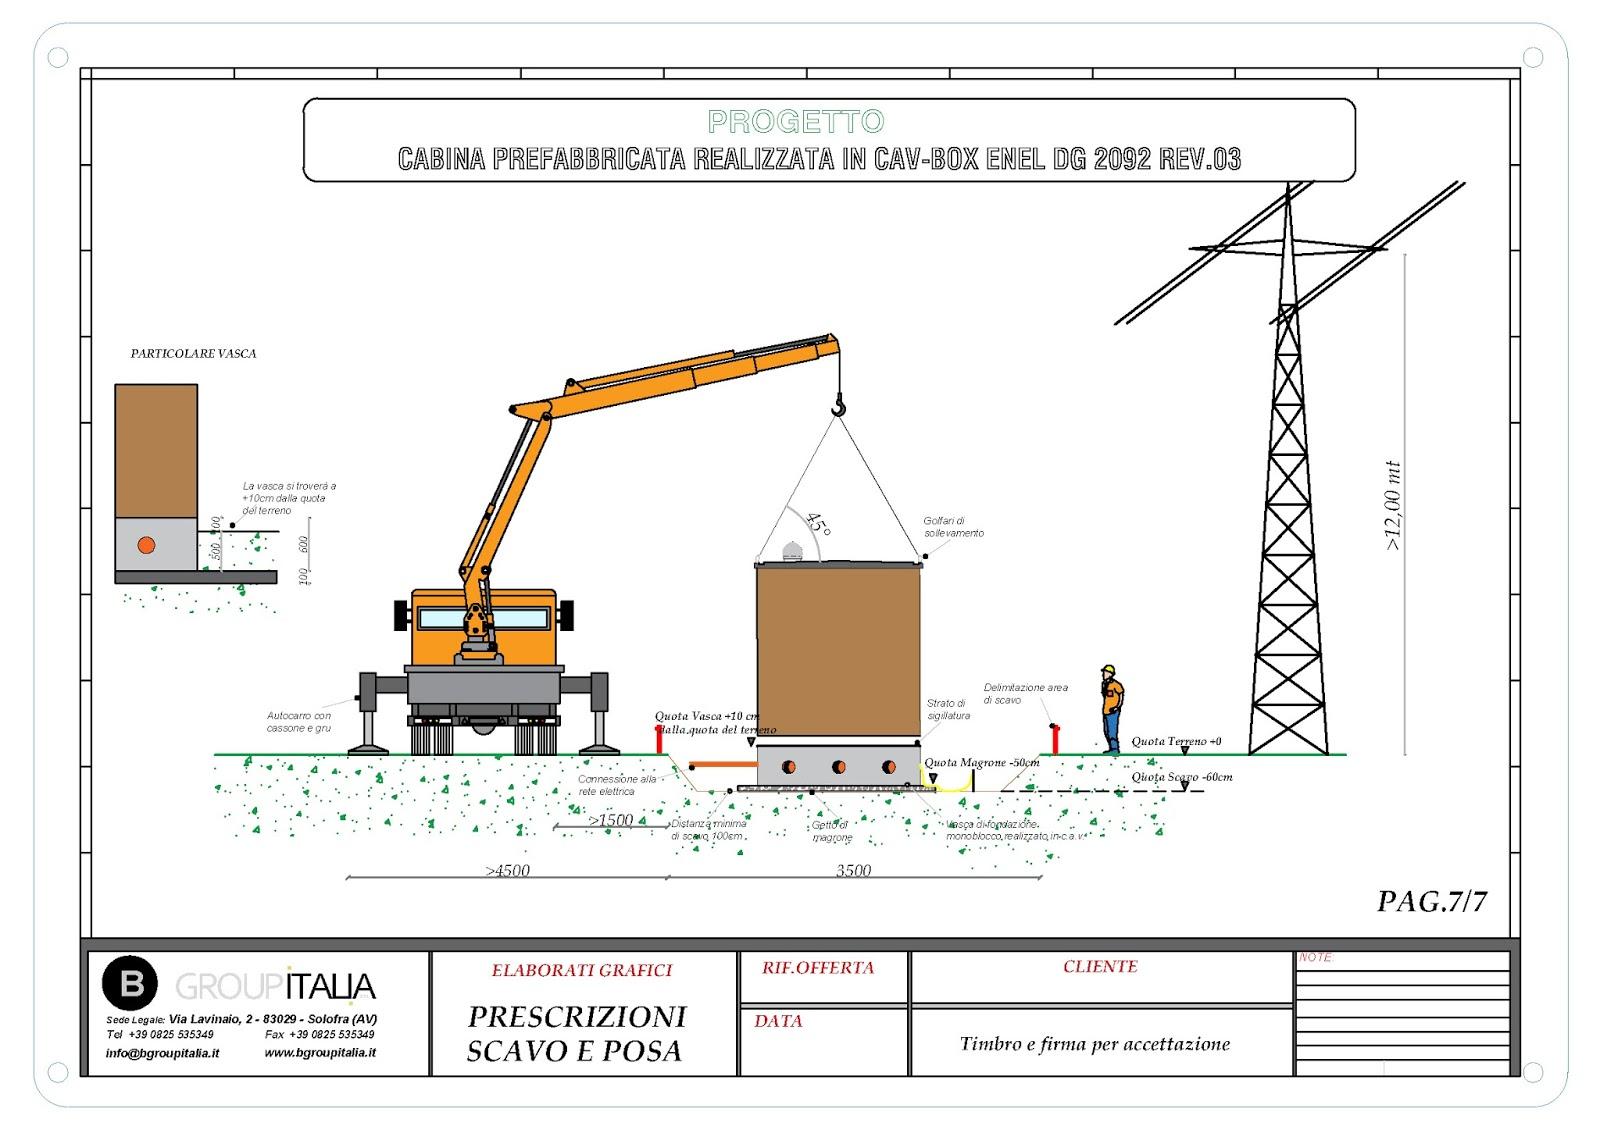 B group italia srl cabine elettriche prefabbricate 2017 for Bb italia srl